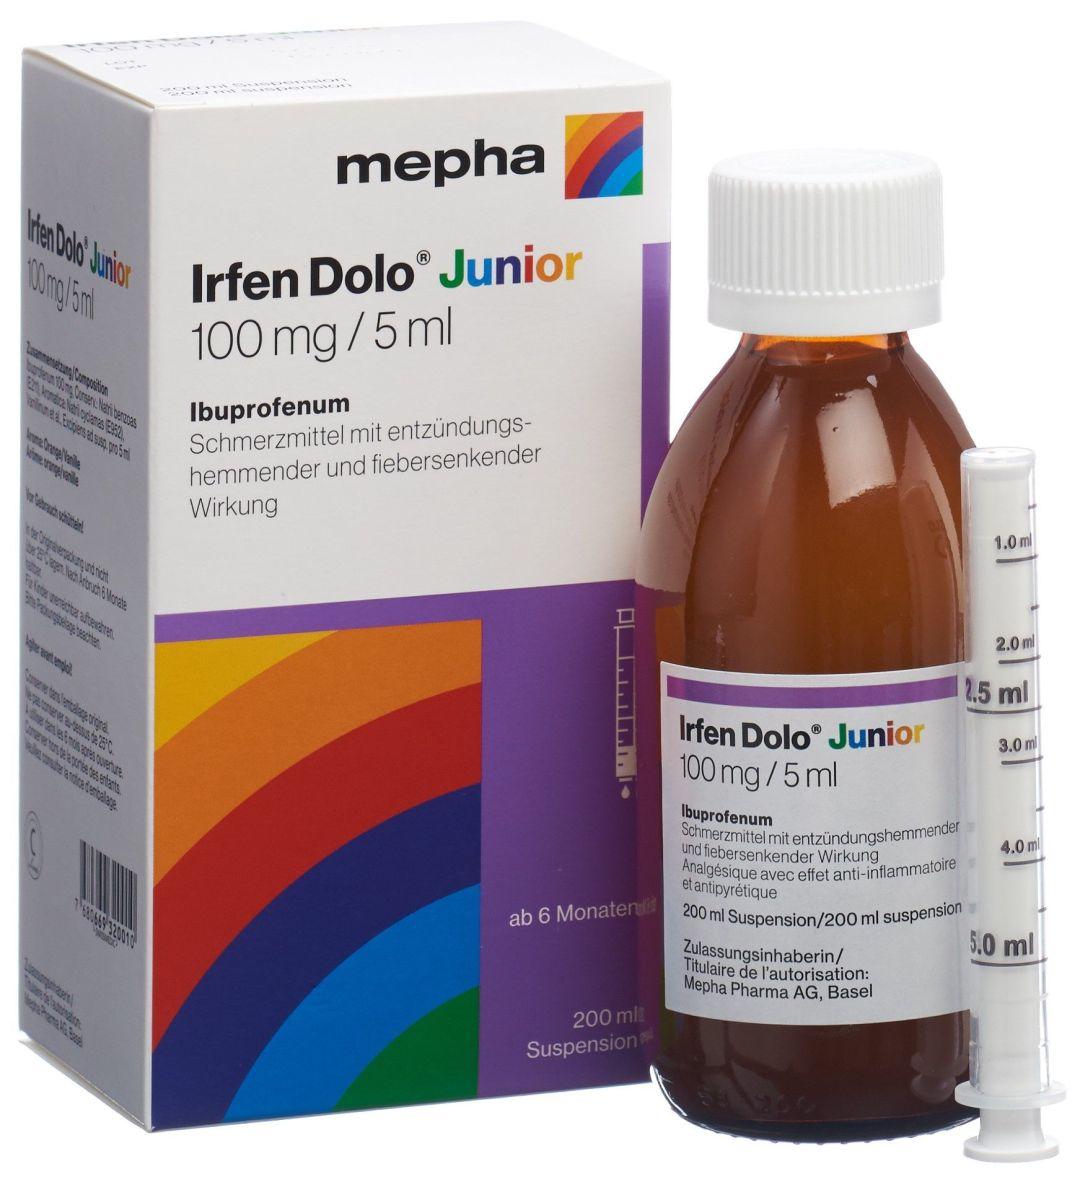 bouteille du médicament Irfen Dolo Junior mepha